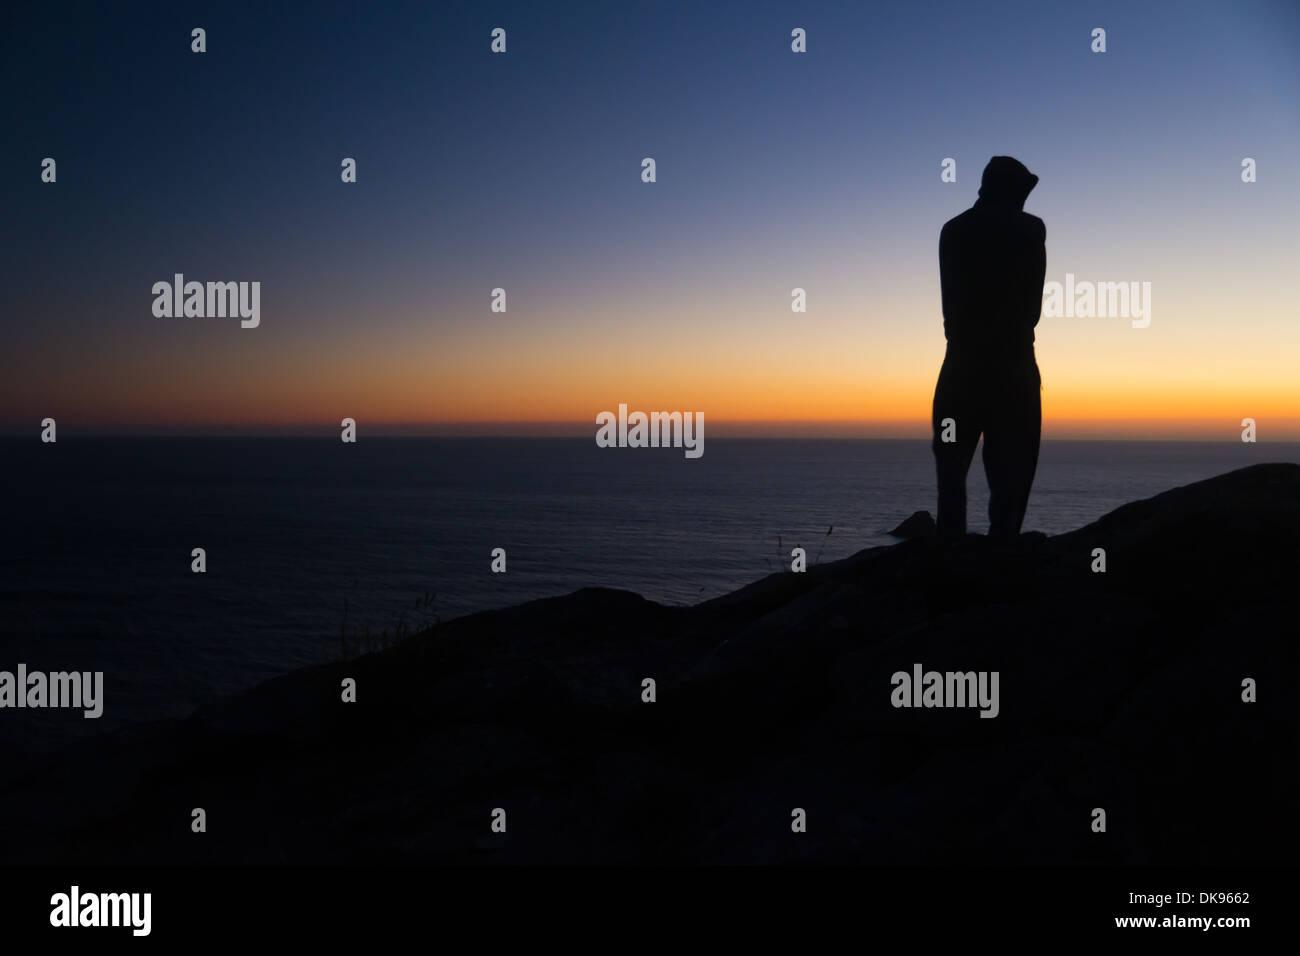 Silueta en la oscuridad. Imagen De Stock